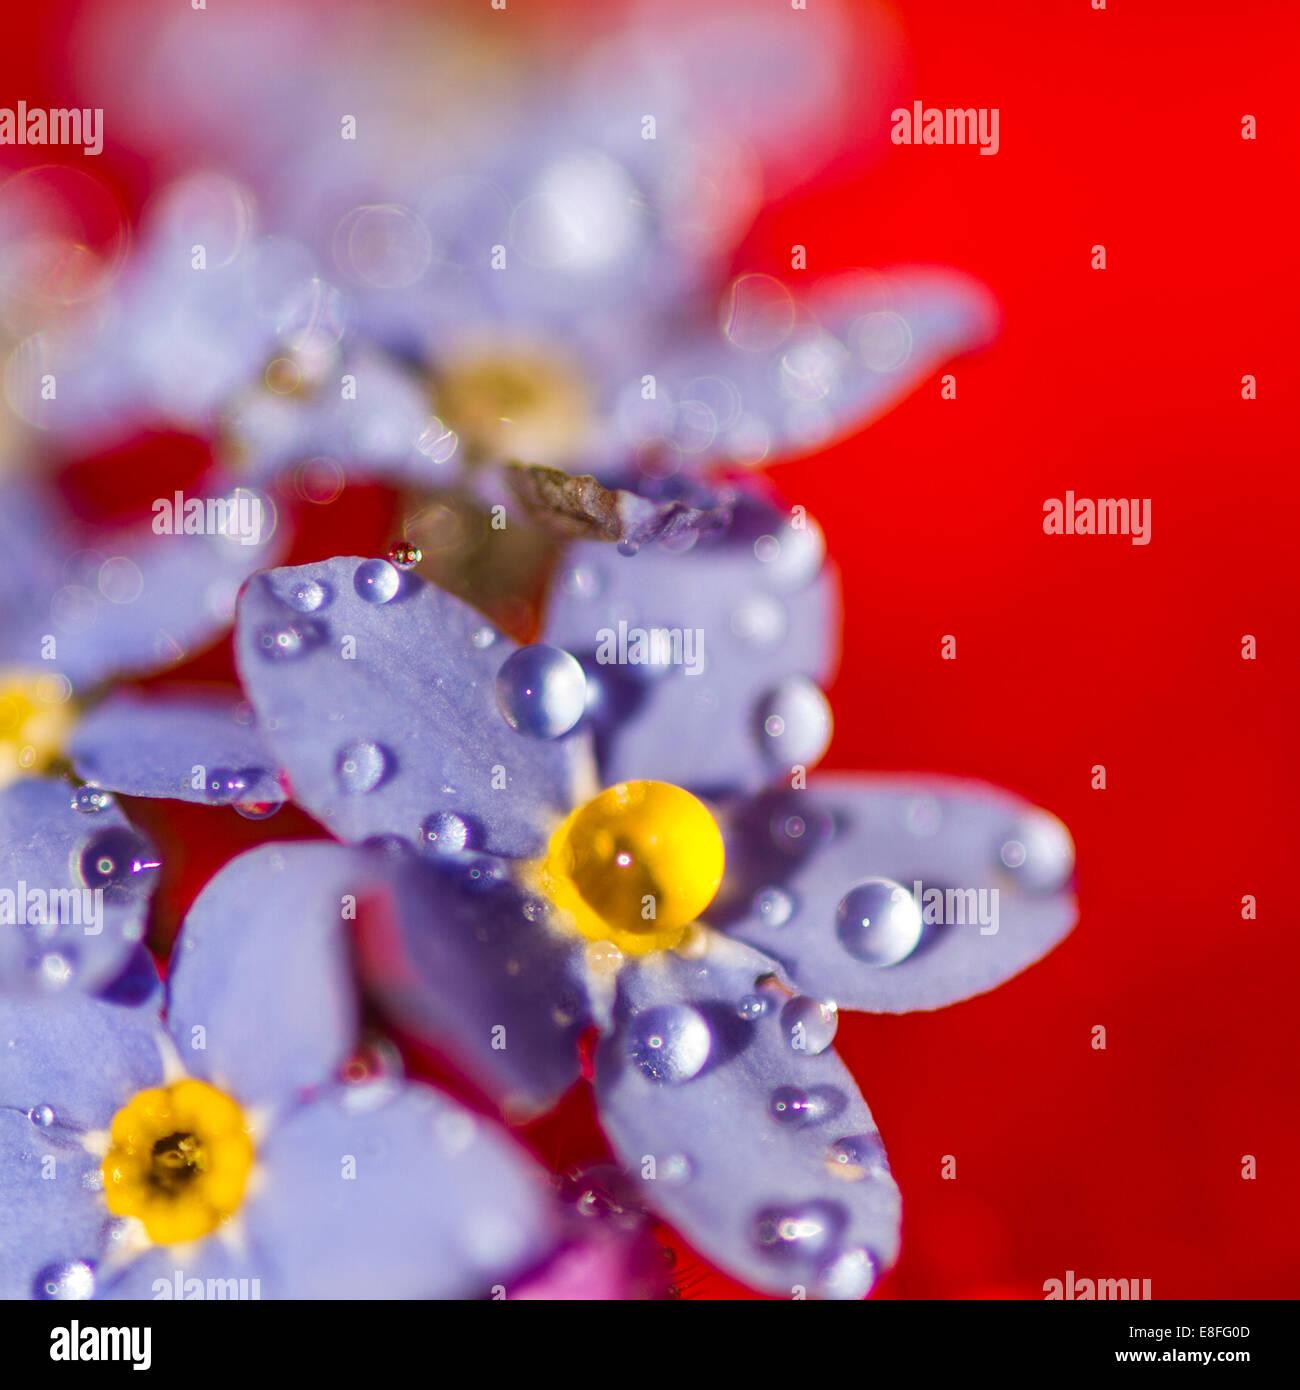 Las gotas de agua de flores púrpura Imagen De Stock